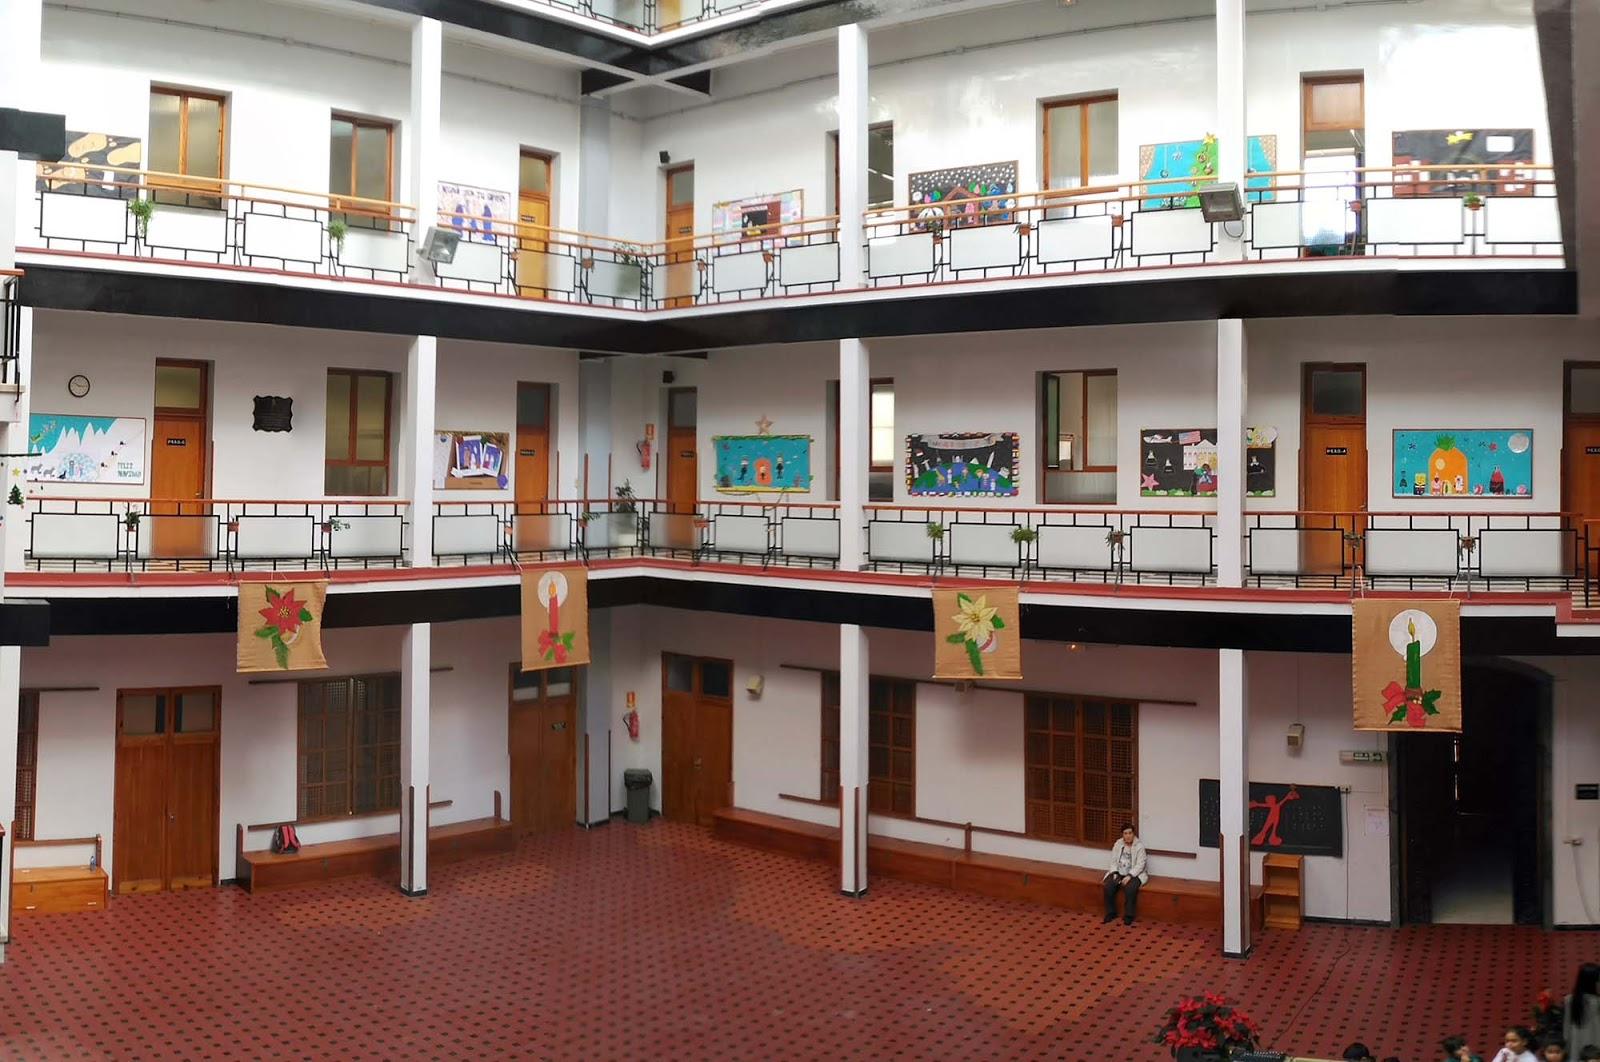 Epv colegio san jos dominicas feliz navidad for Escuela de decoracion